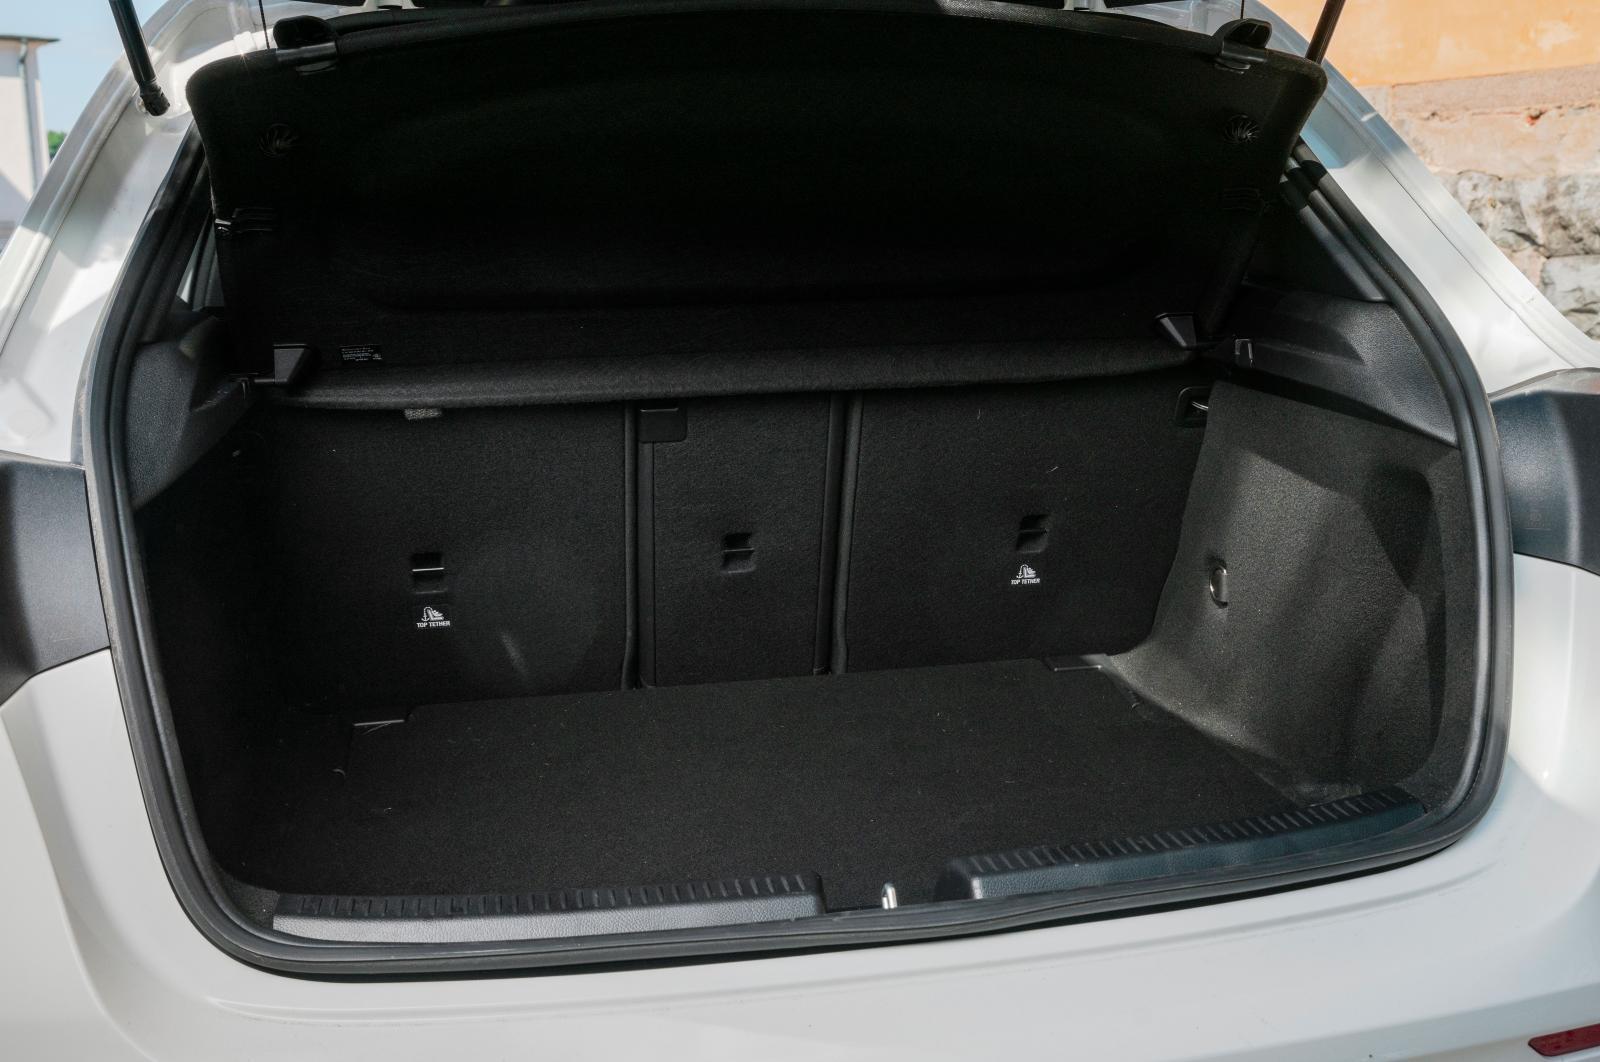 Ett mindre förvaringsfack under golvmattan rymmer de mest nödvändiga små pryttlarna. Testbilarna har rediga lastsurrningsöglor, Mercedes är inget undantag. 40/20/40 fällning är standard. Plus i kanten för jackkroken i bakluckans stängningshantag och belysning från luckans ovankant.